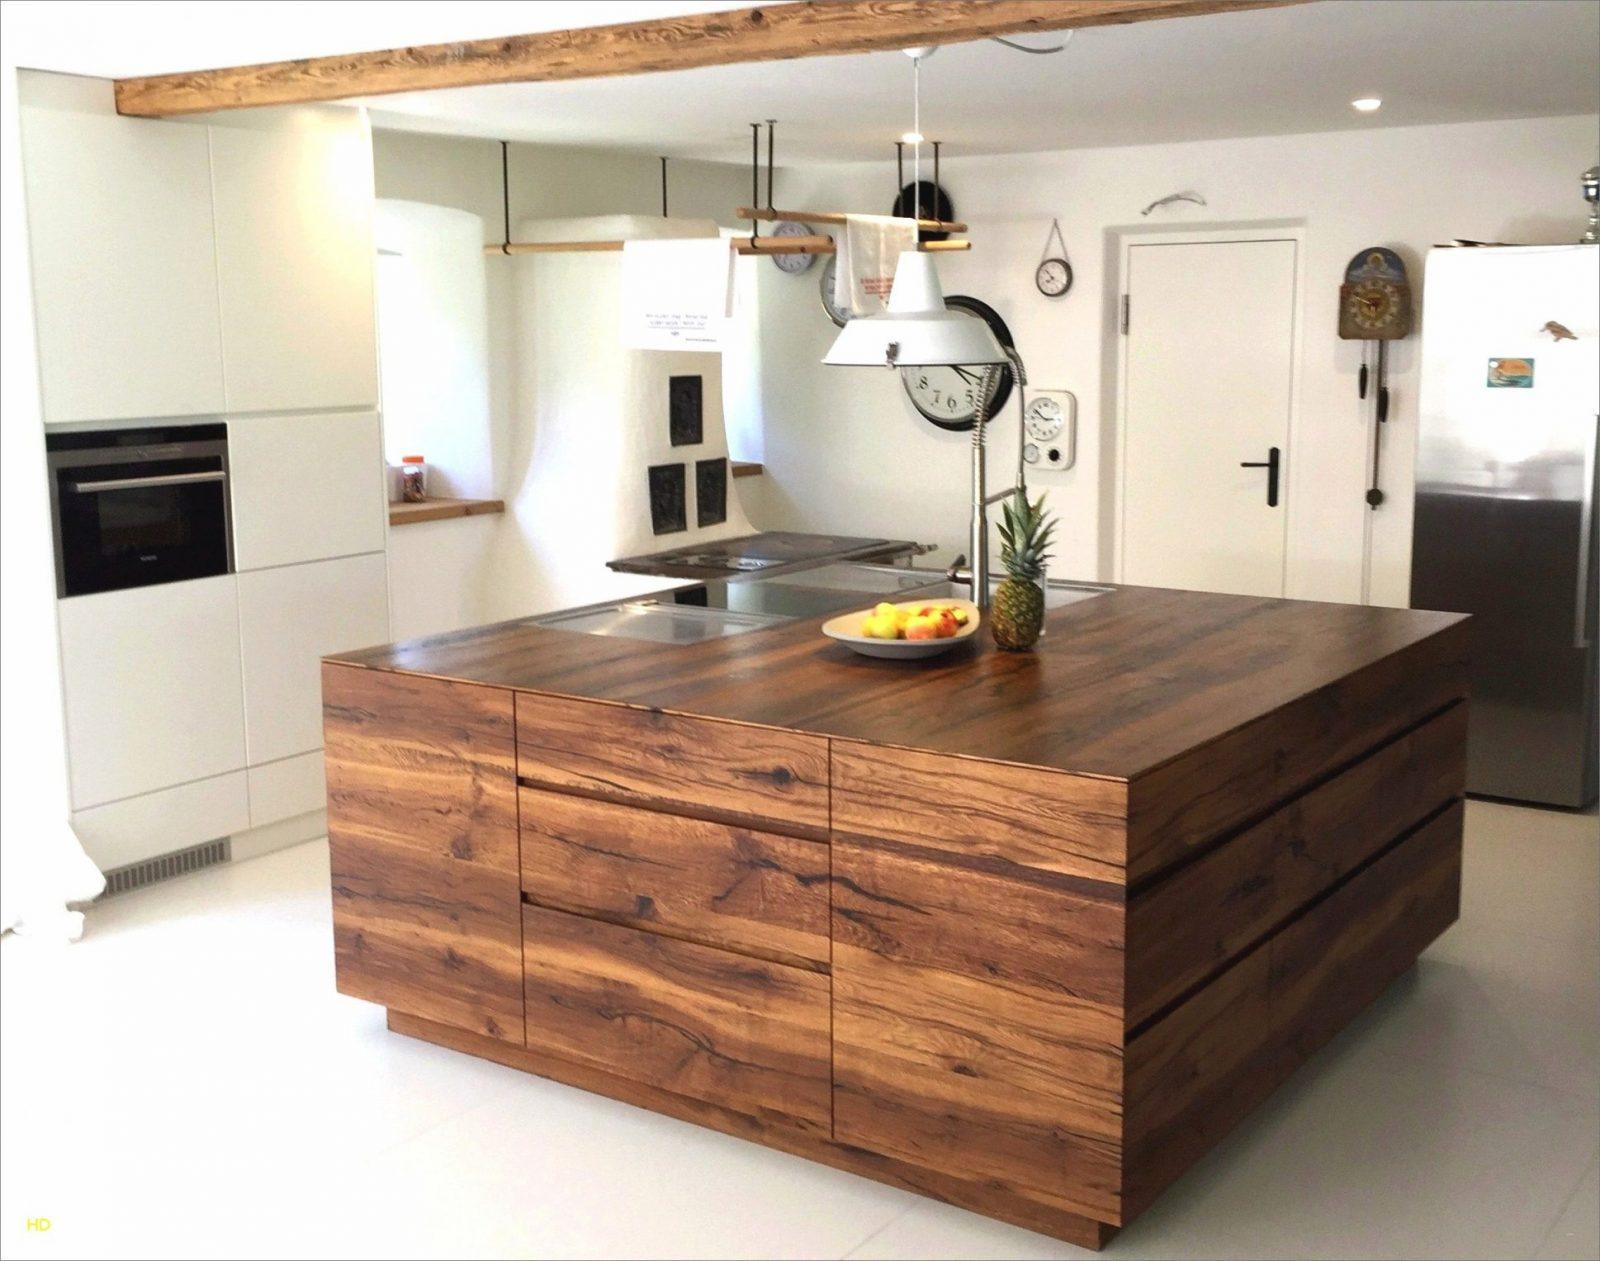 22 Schön Galerie Ideen Zum Rustikale Küchen Selber Bauen  Küchenideen von Rustikale Küche Selber Bauen Photo